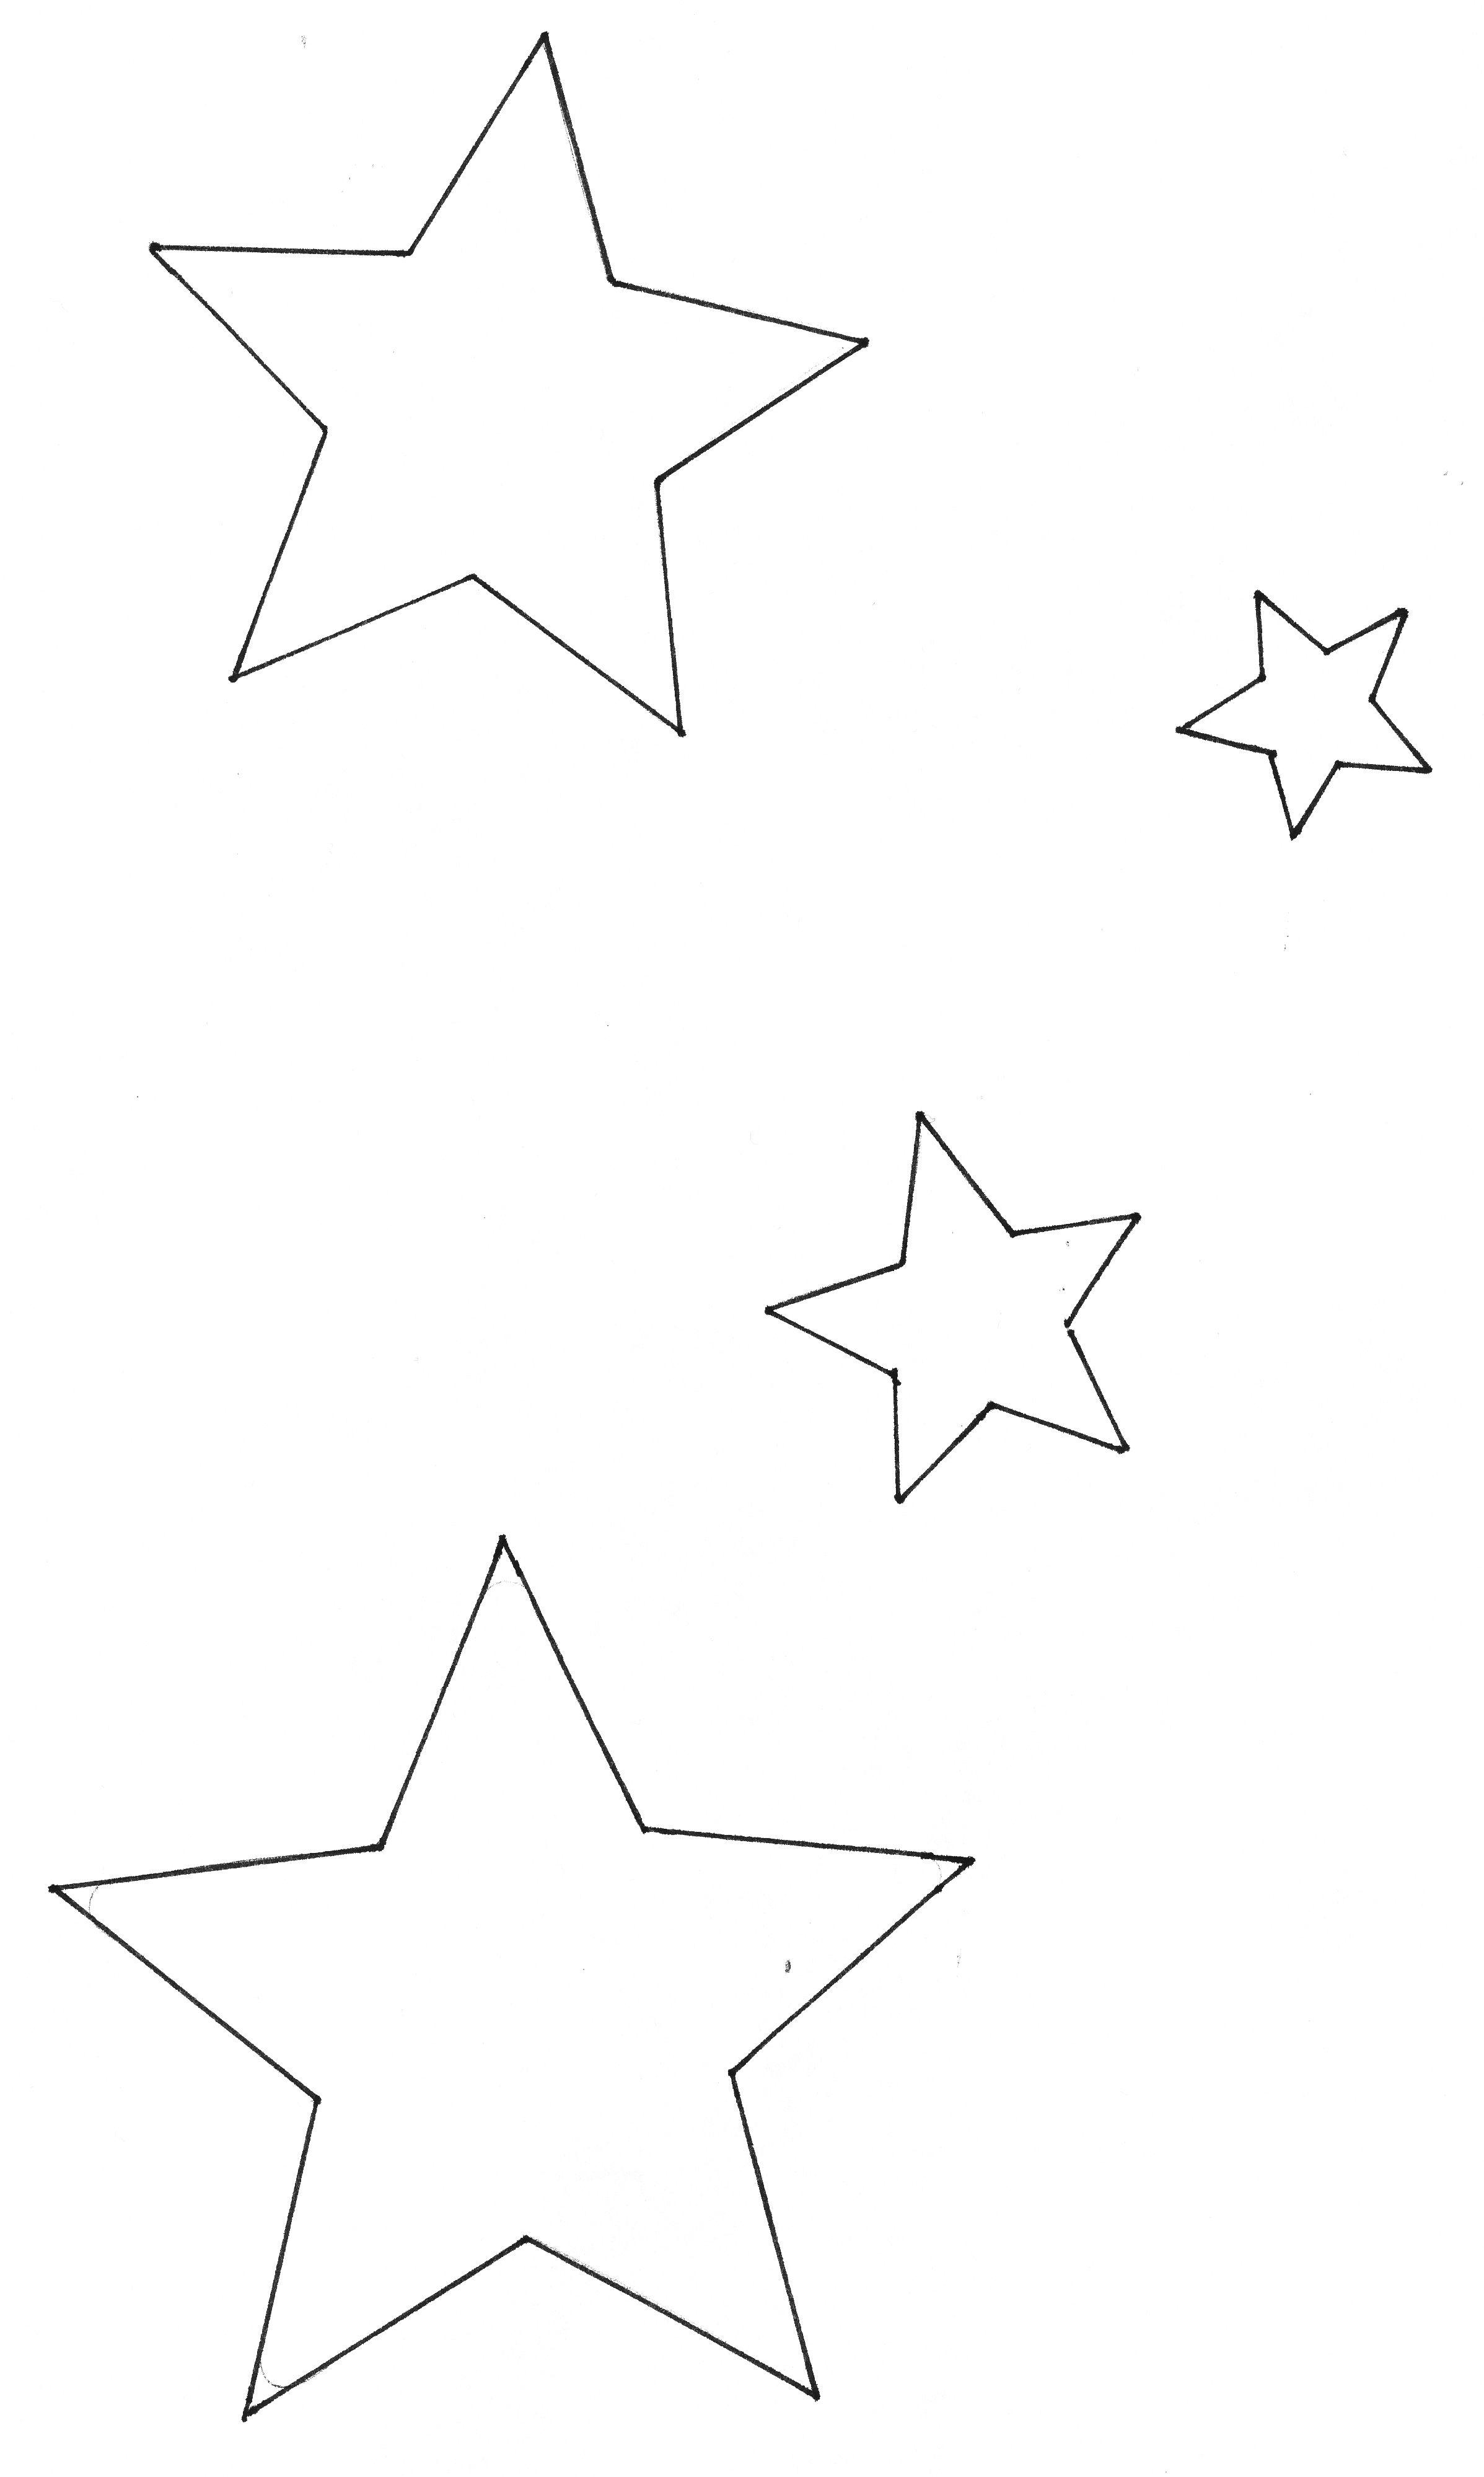 schablonen sterne selber machen  Ausschneide Sterne Selber Machen